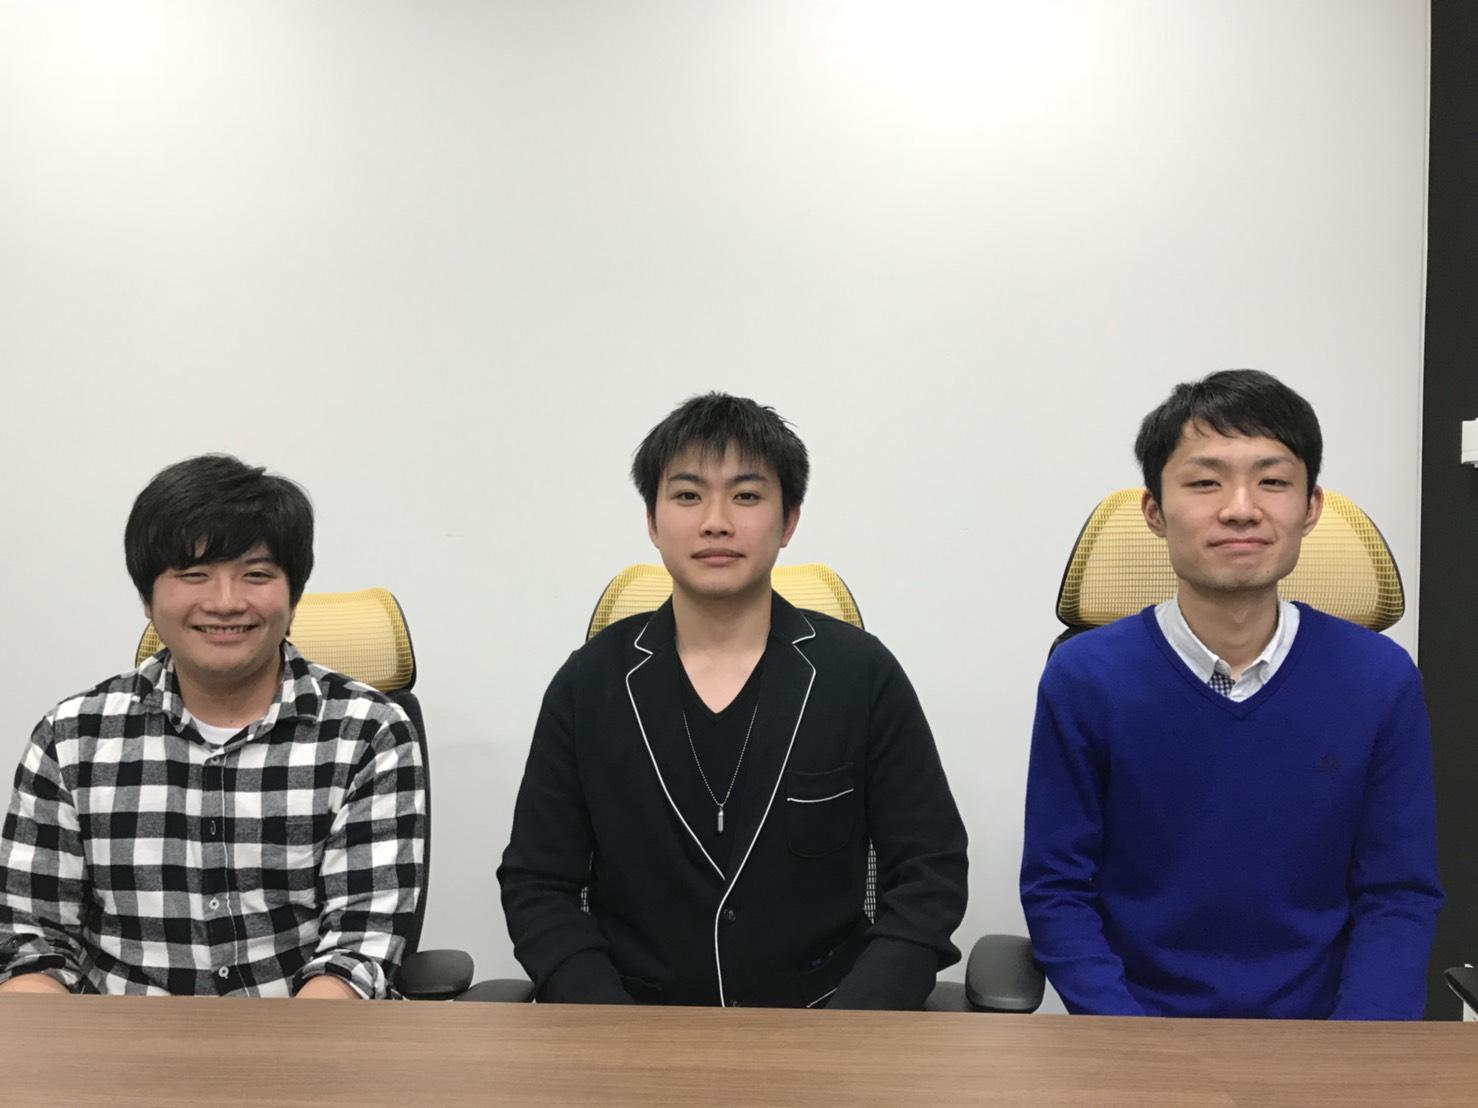 HALインターンシップレポート(大阪スタジオ編)後編